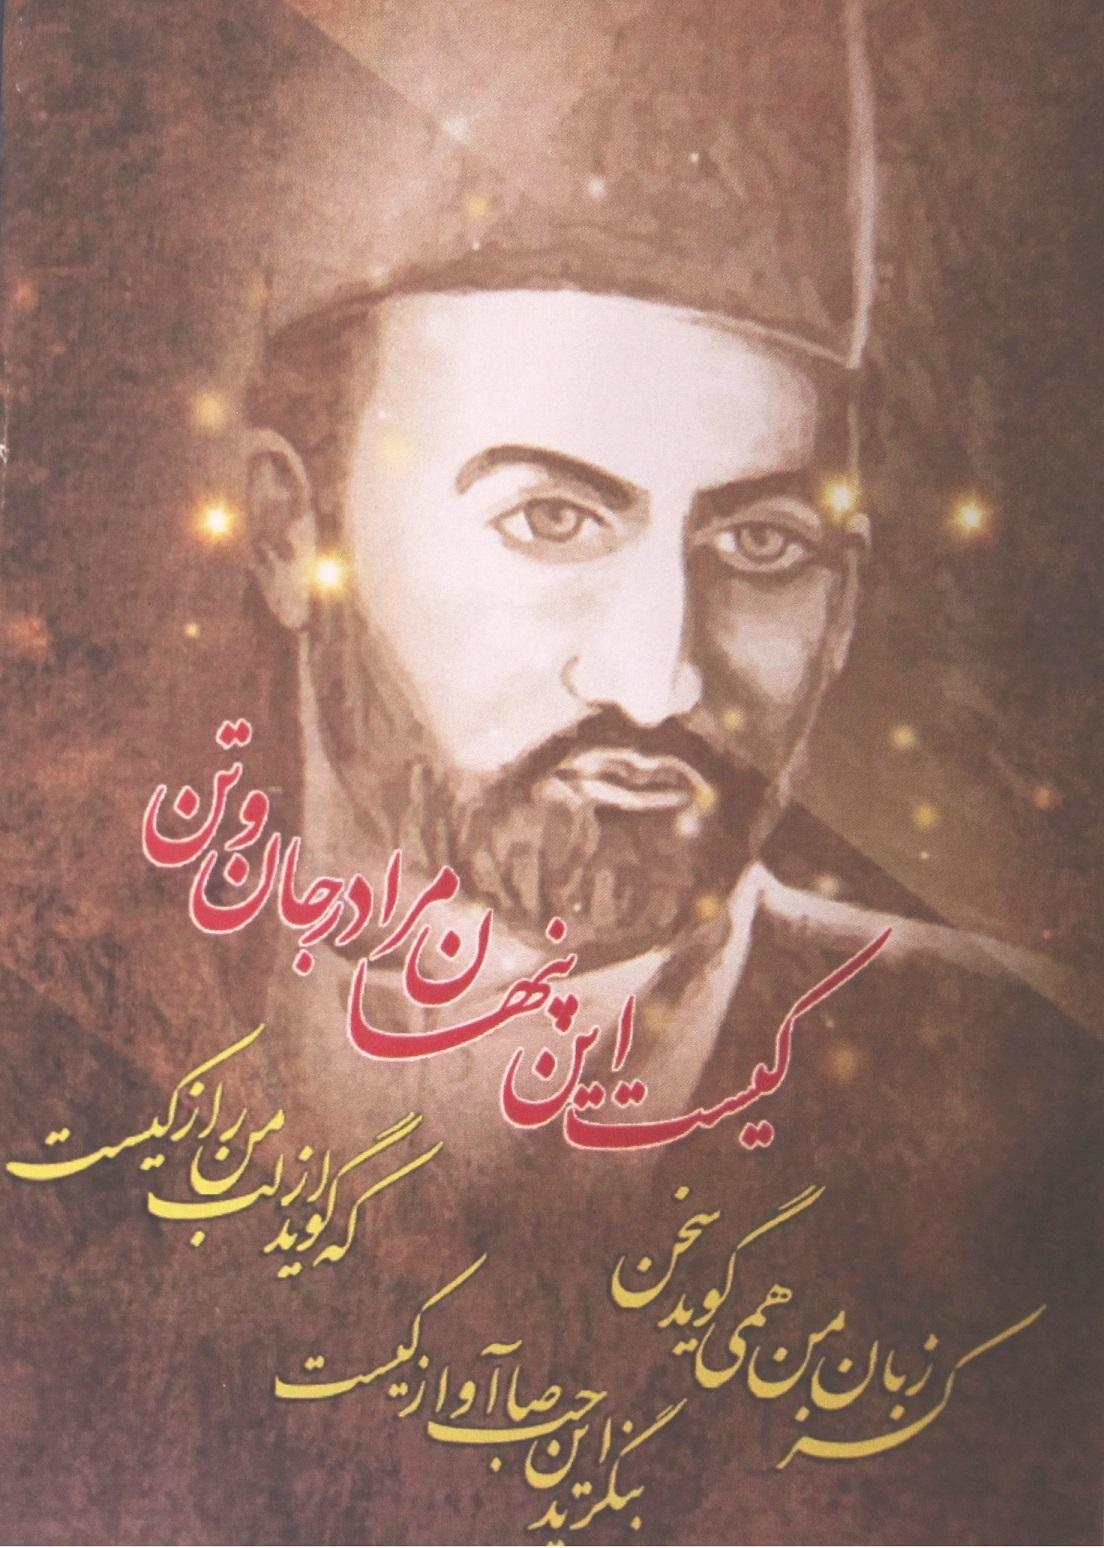 عمان سامانی شاعر بزرگ مرثیه سرا